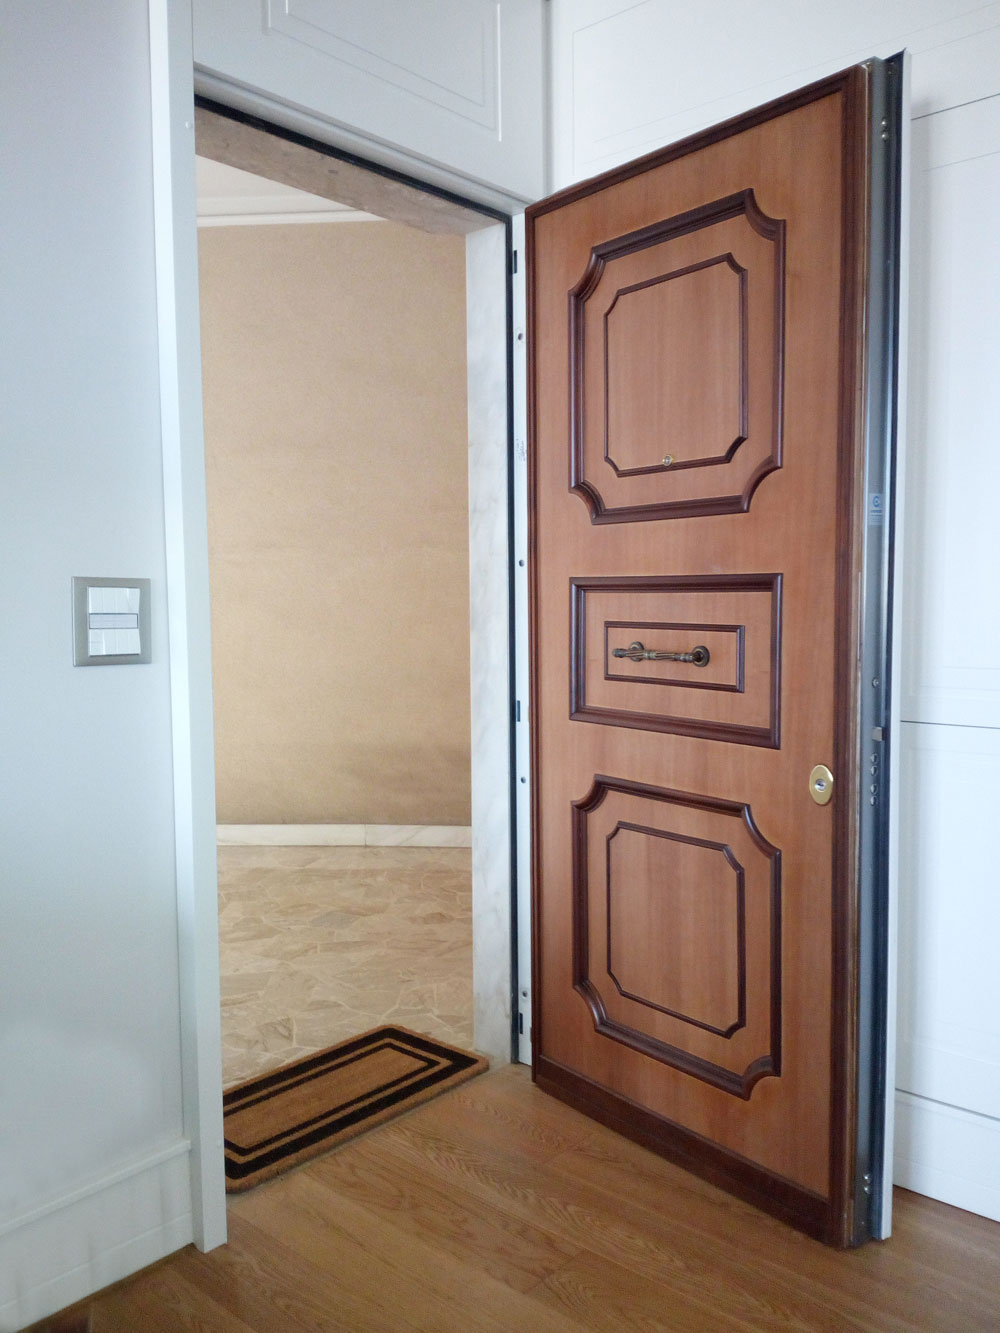 Porte blindate a Genova - Investi sulla sicurezza della tua casa